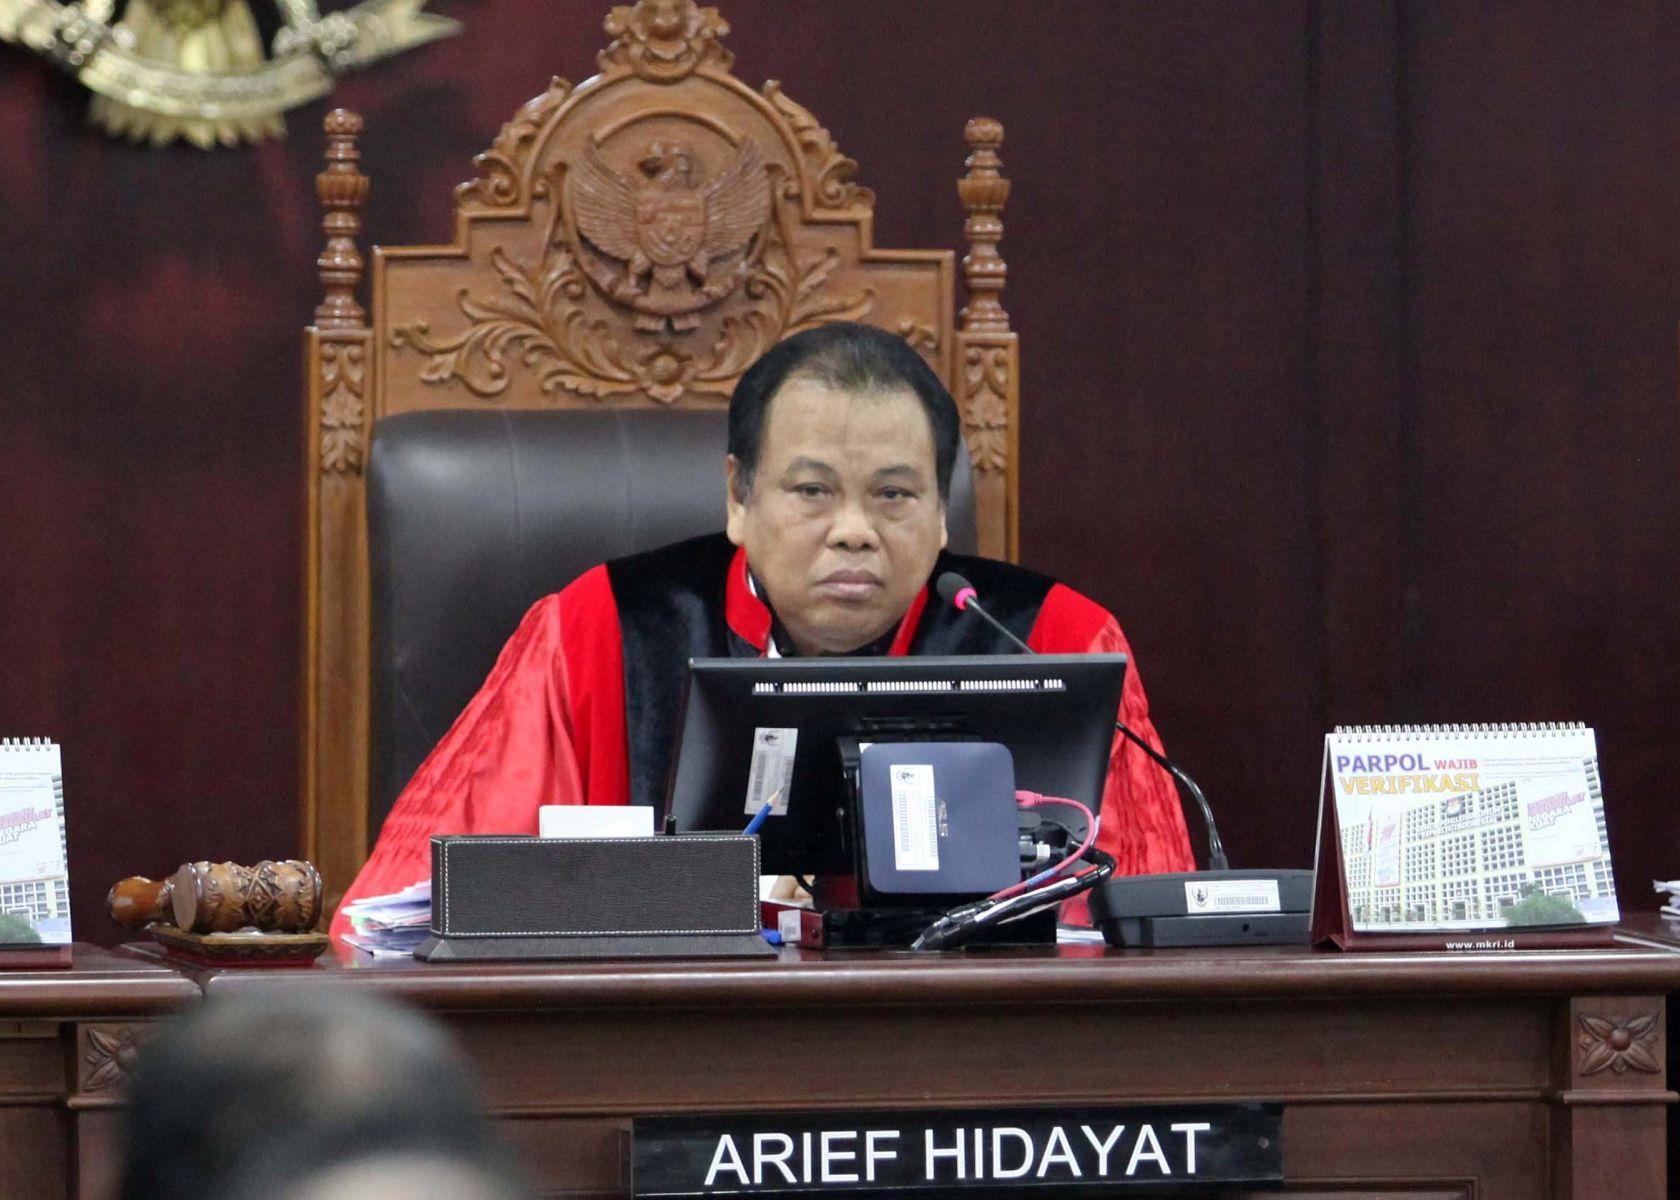 Hakim Konstitusi Arief Hidayat saat memimpin sidang di MK. (Media Indonesia)